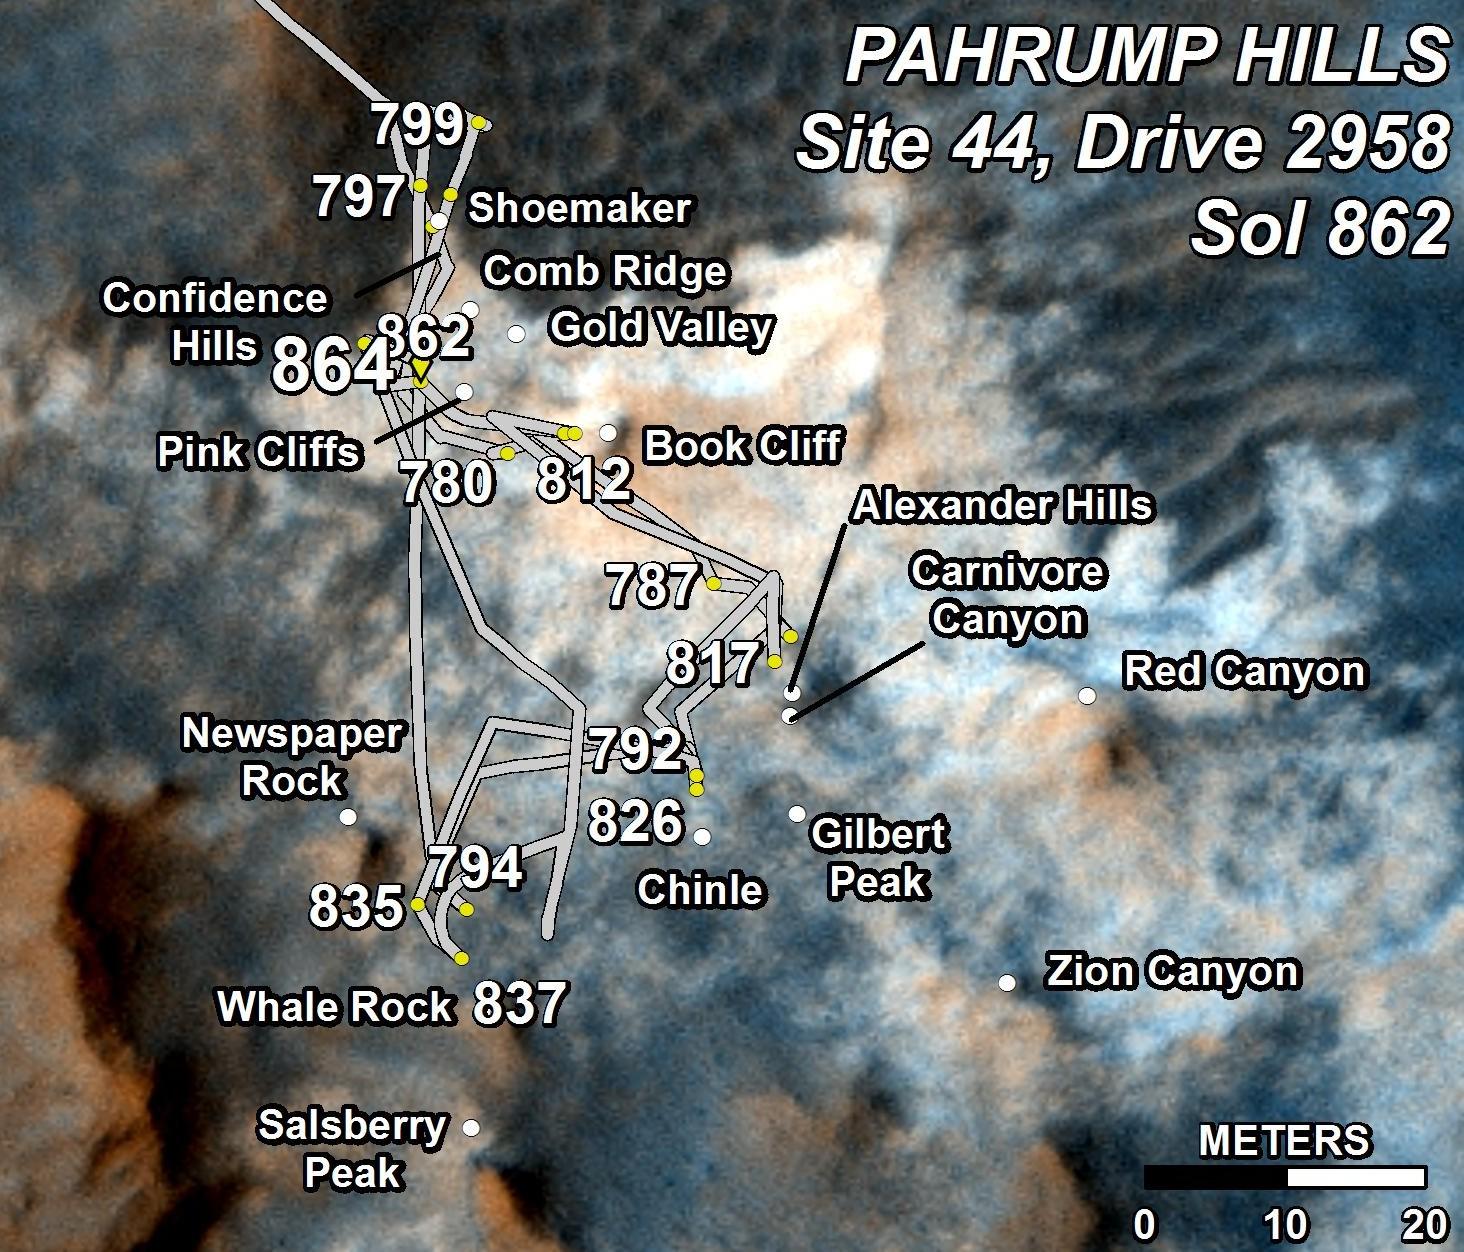 Détail zone Parhump hills